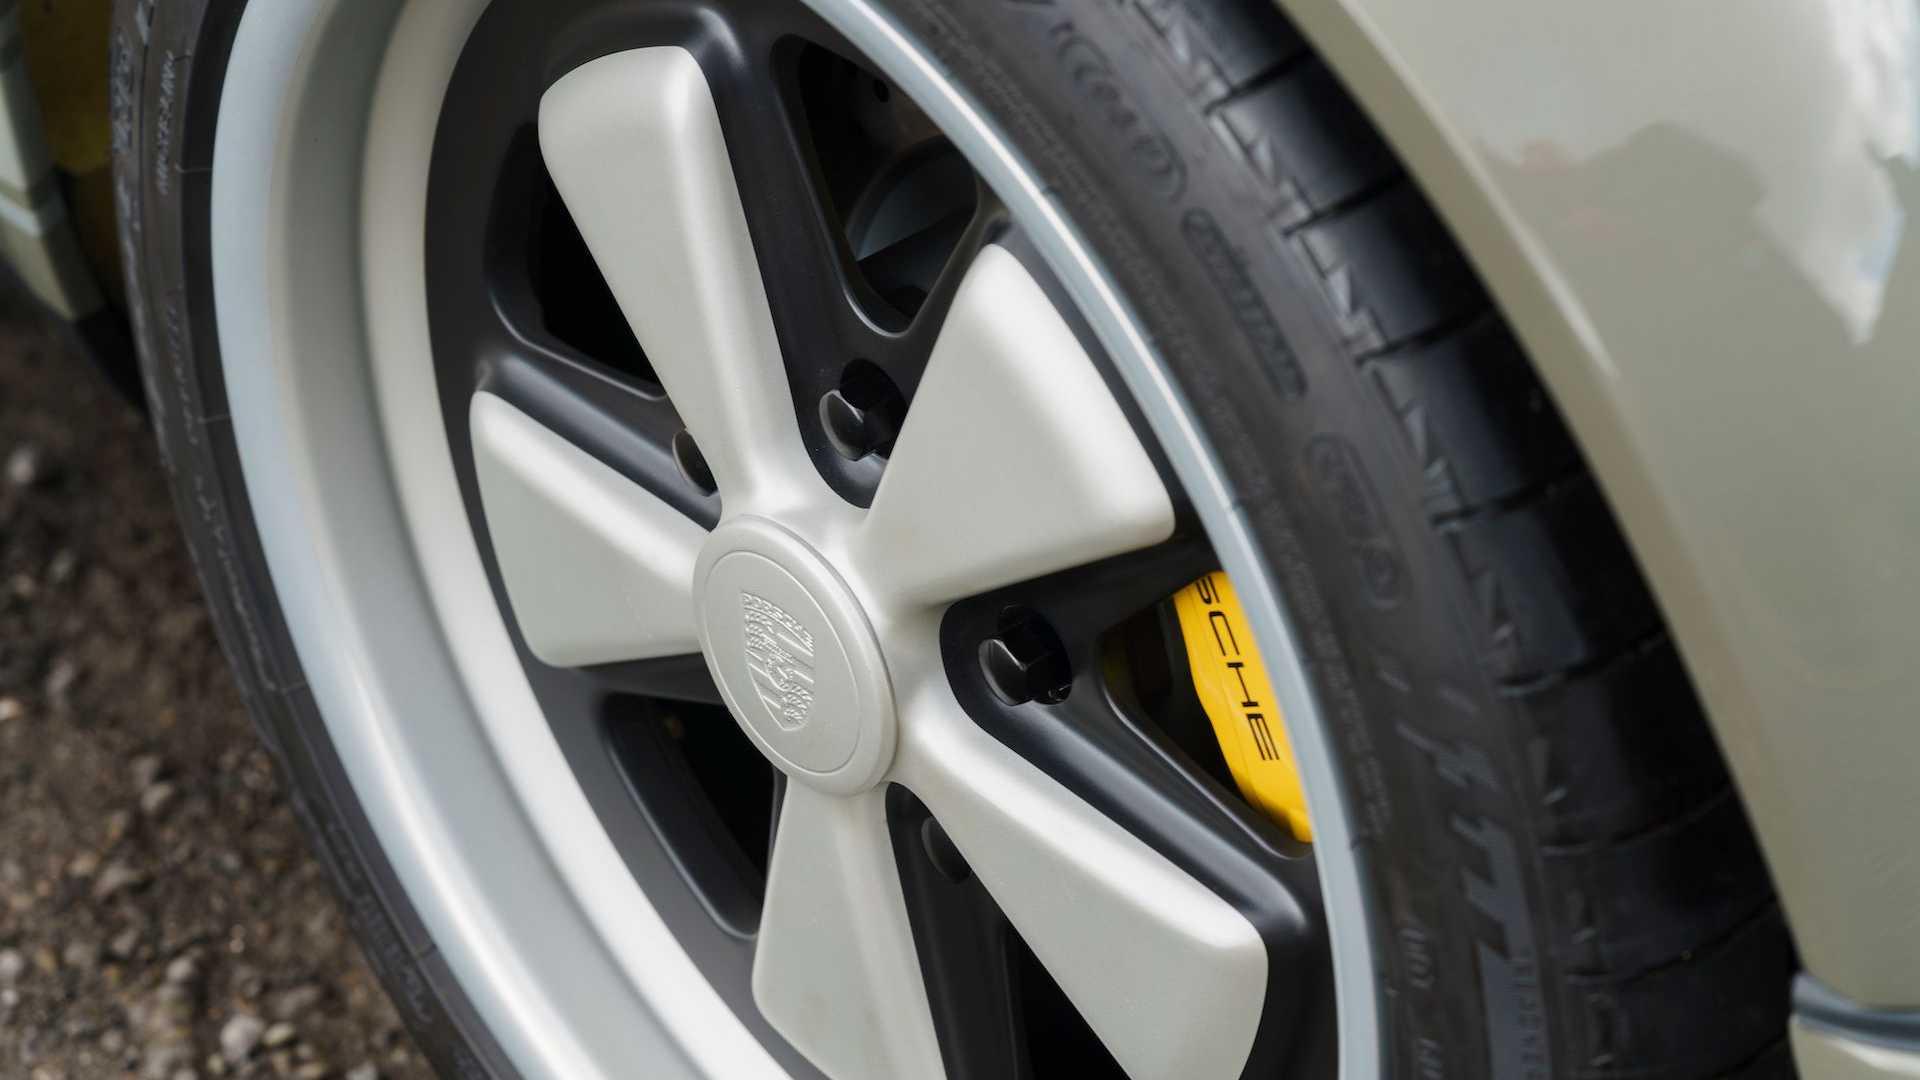 Theon-Design-HK002-Porsche-911-24